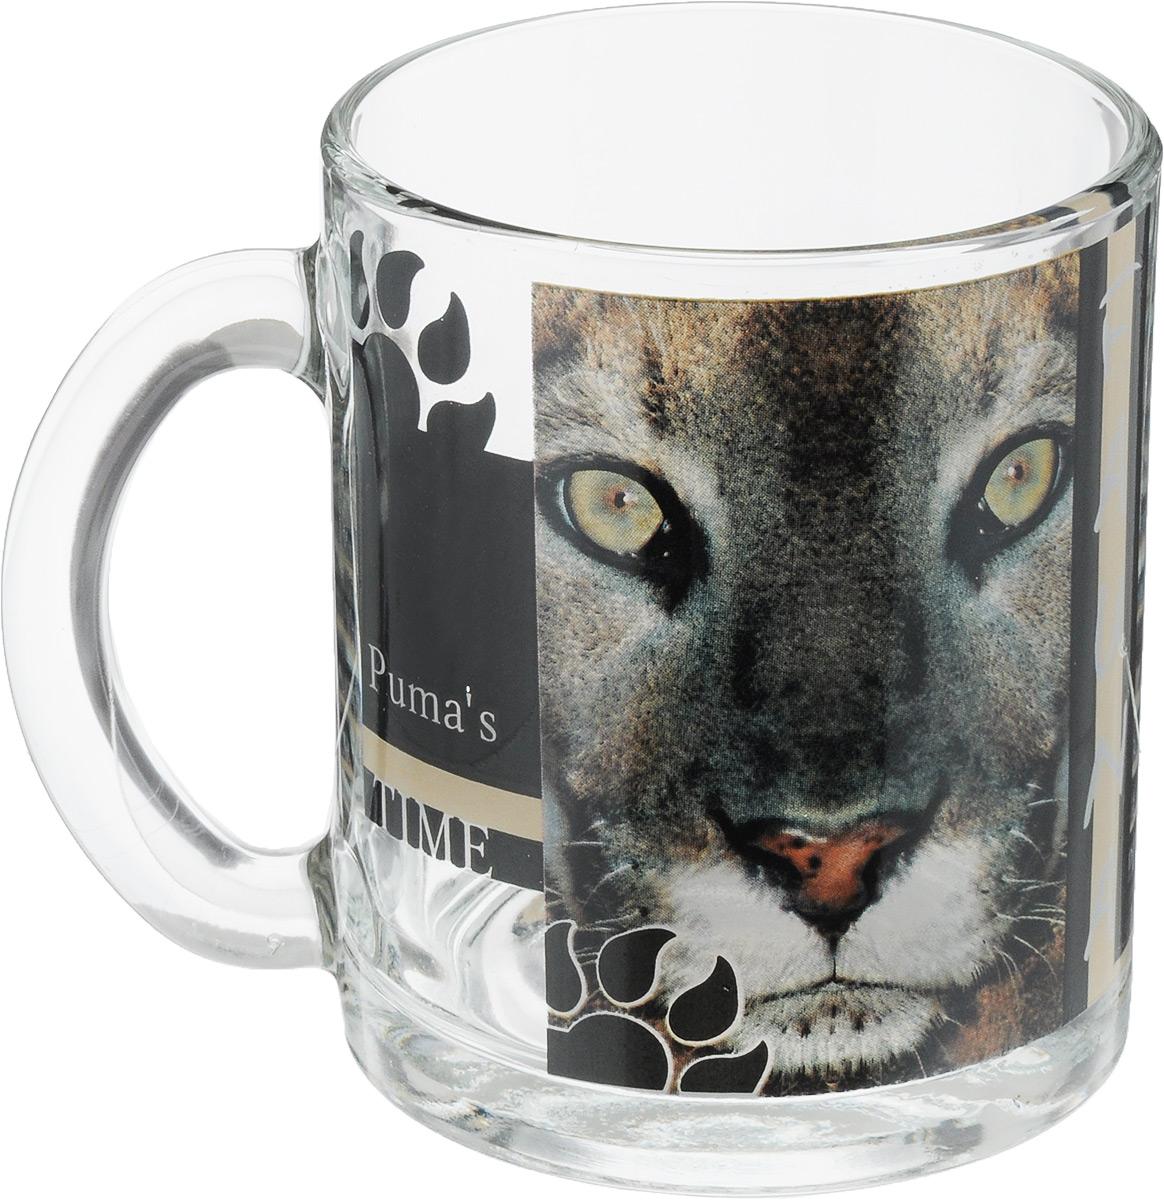 Кружка OSZ Дикие кошки. Пума, 320 мл04C1208-DKK_пумаКружка OSZ Дикие кошки. Пума изготовлена из стекла и декорирована принтом. Диаметр (по верхнему краю): 7,5 см. Высота: 9,5 см. Объем: 320 мл.